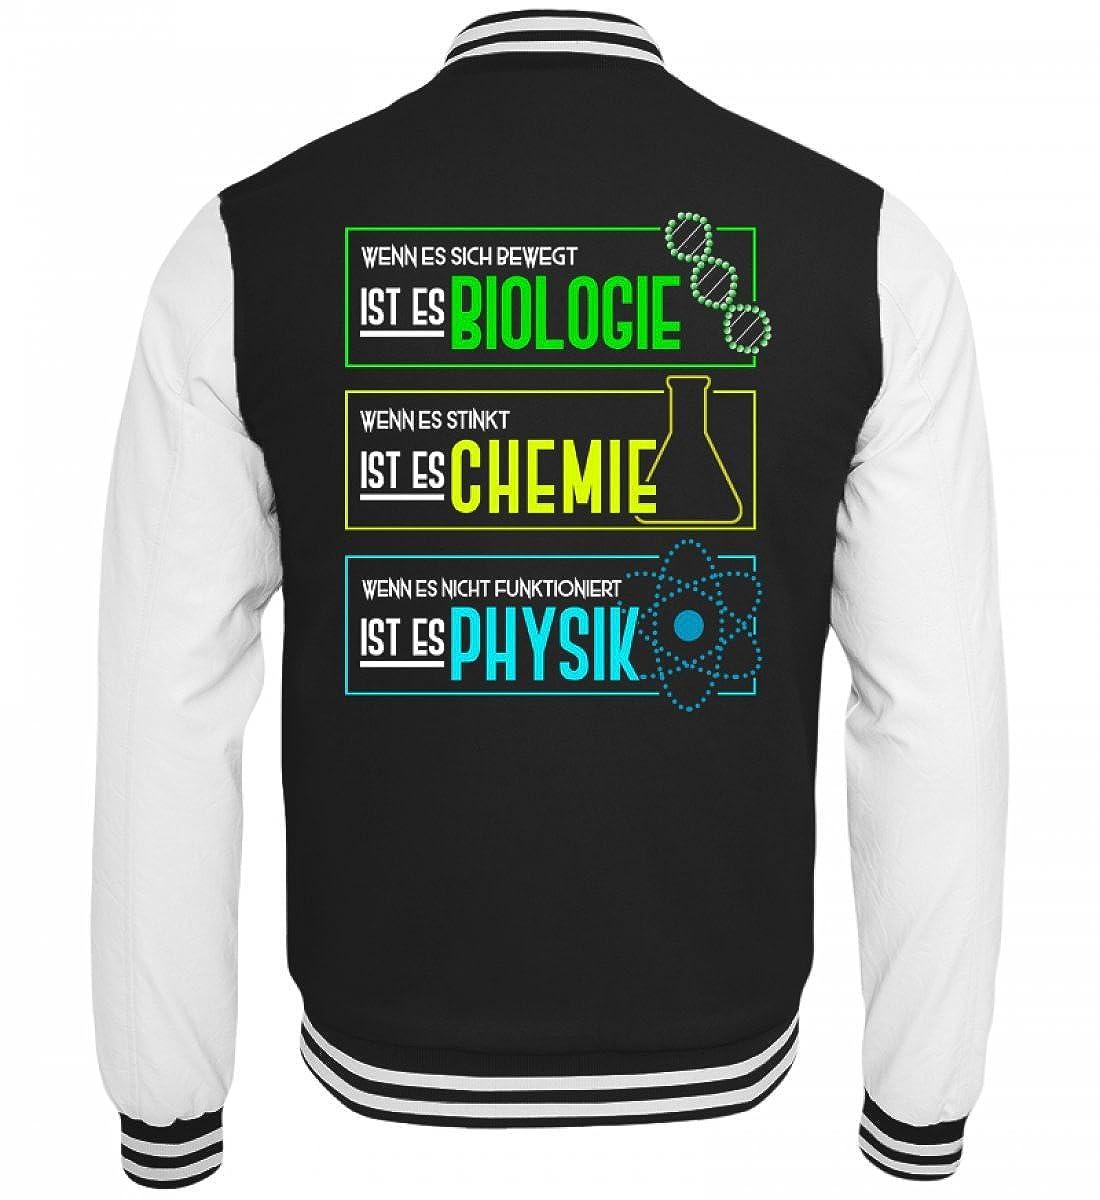 Chorchester Fü r Biologie, Chemie und Physik Nerds - College Sweatjacke Shirtee 47CG8ZCS_JH043*B*__XS__6757